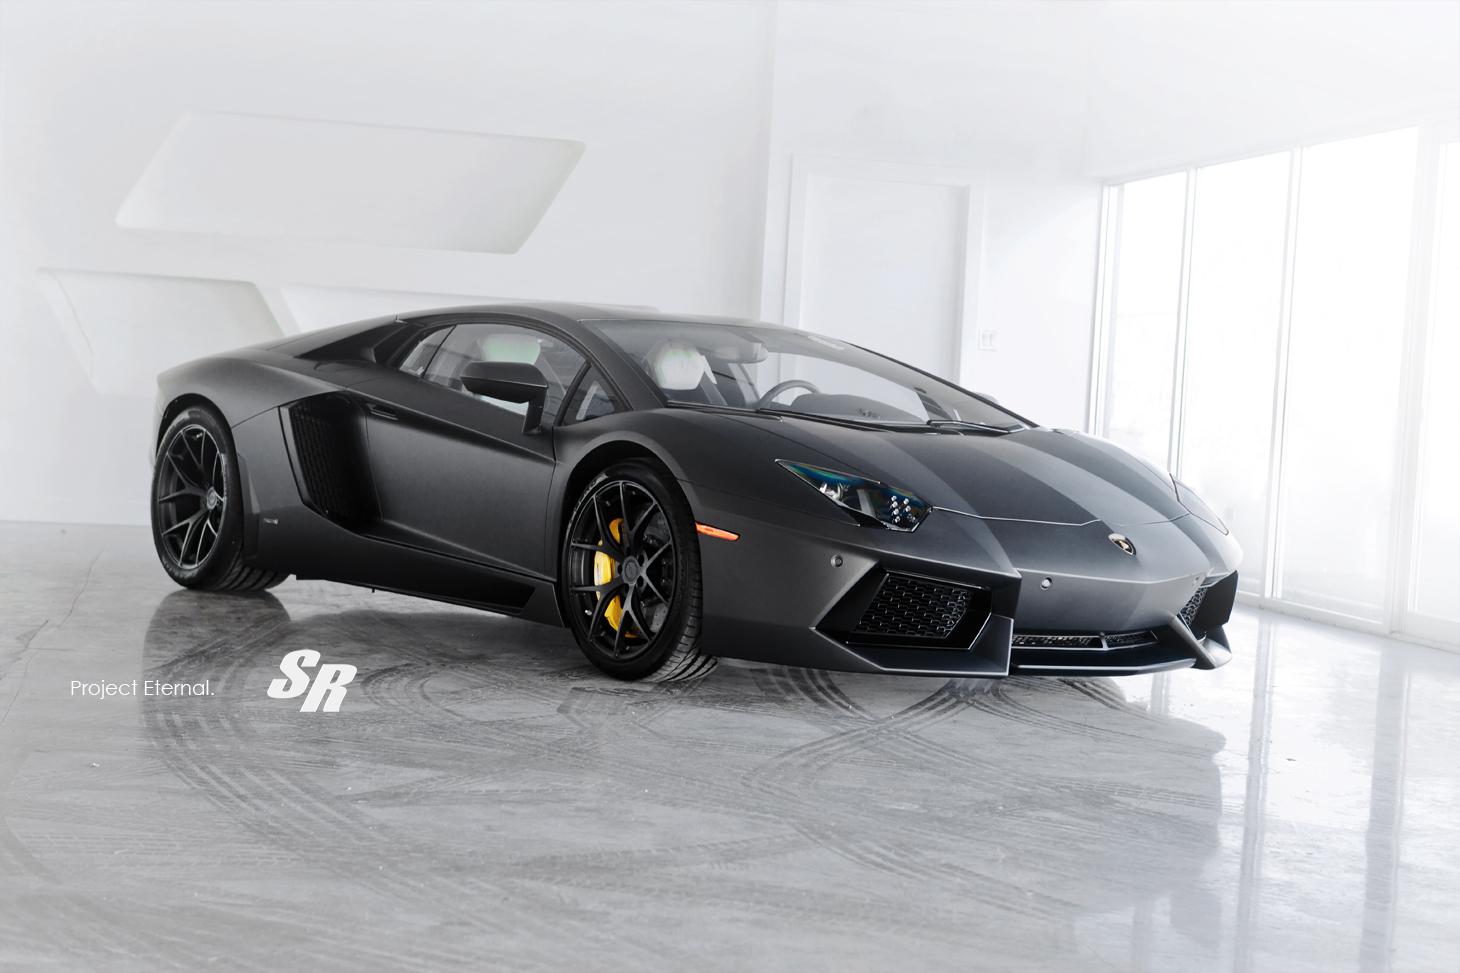 Proyecto Eternal Lamborghini Aventador Lp700 4 Con